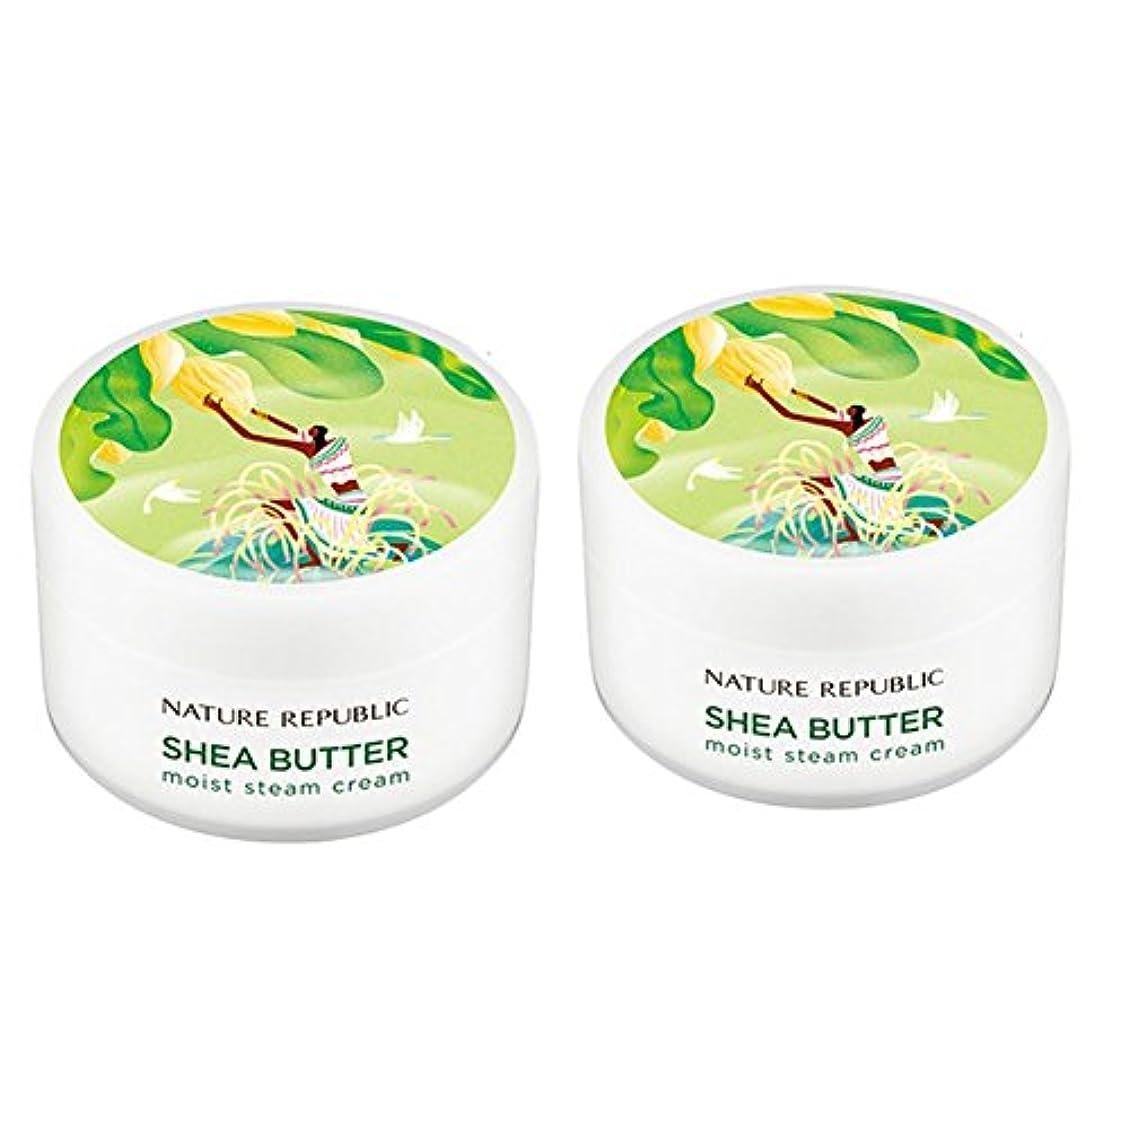 心臓上陸傘ネイチャーリパブリック(NATURE REPUBLIC)シェアバターモイストスチームクリーム100mlx 2本セット NATURE REPUBLIC Shea Butter Moist Steam Cream 100mlx...